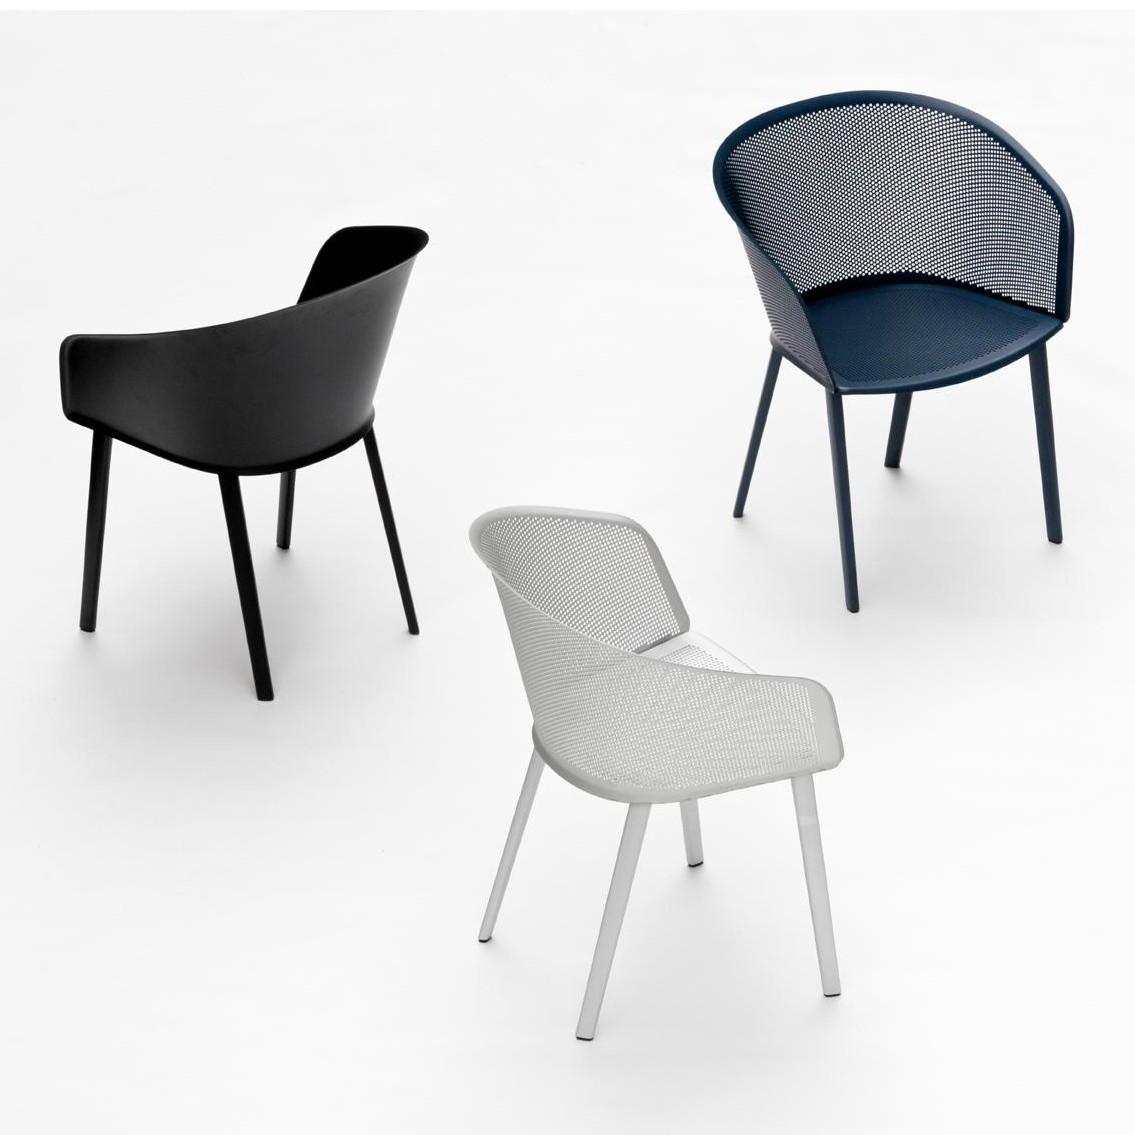 Stampa - Chaise de jardin avec accoudoirs | Kettal ...